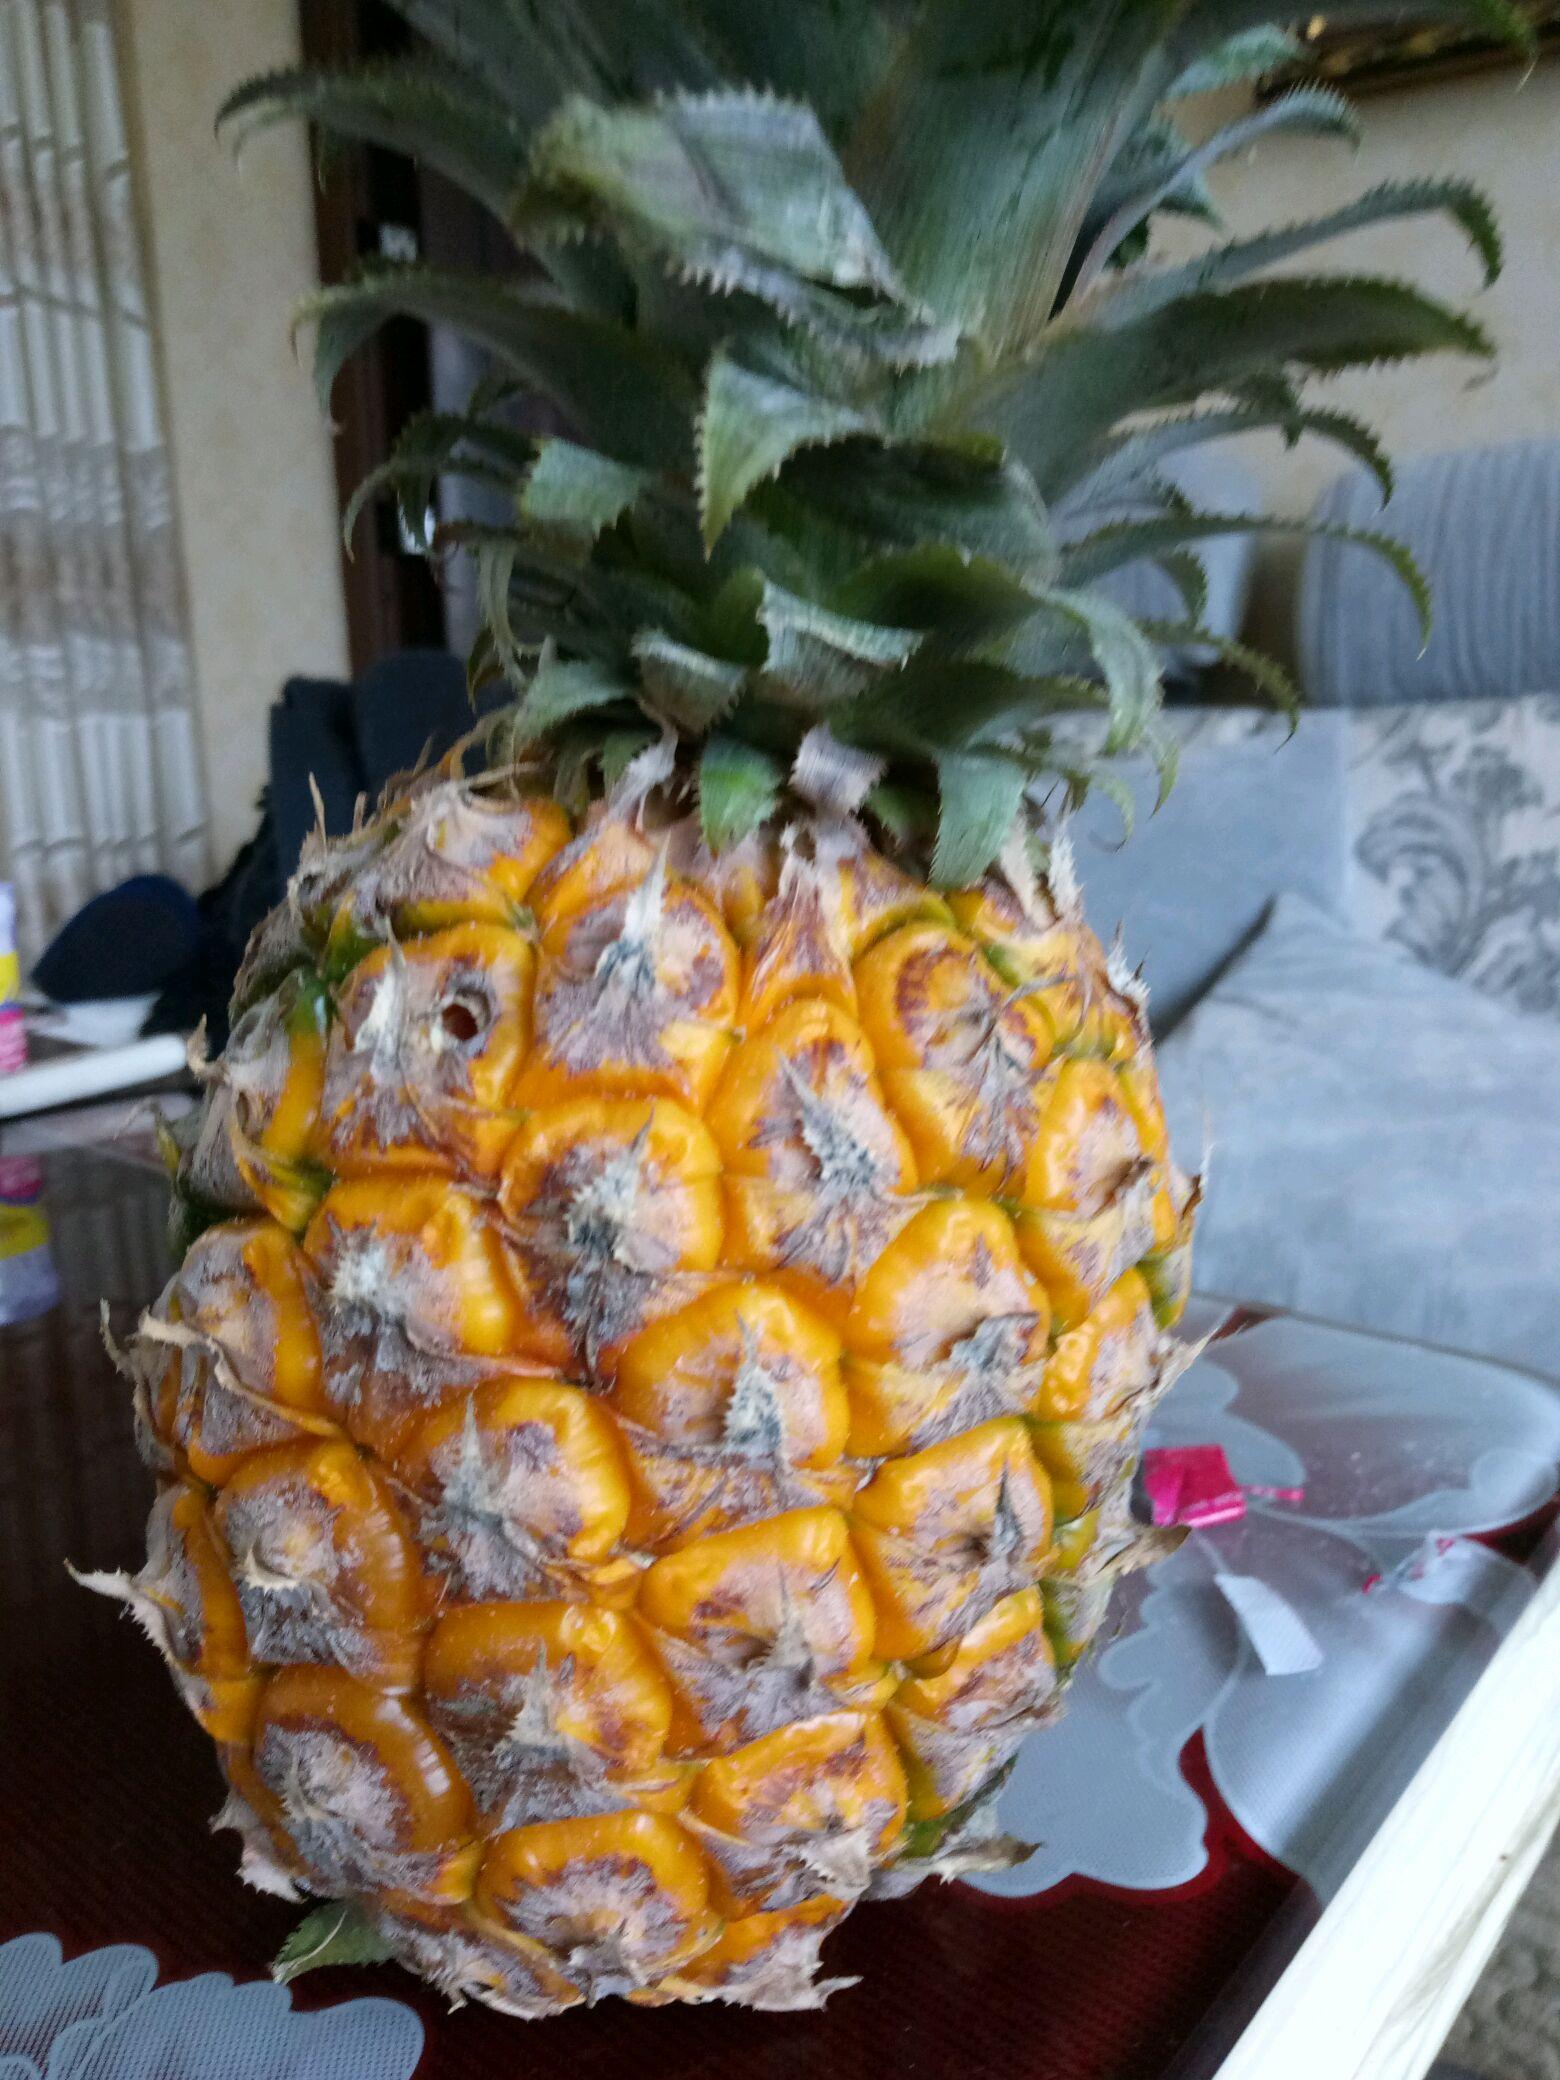 冰糖菠萝的做法步骤